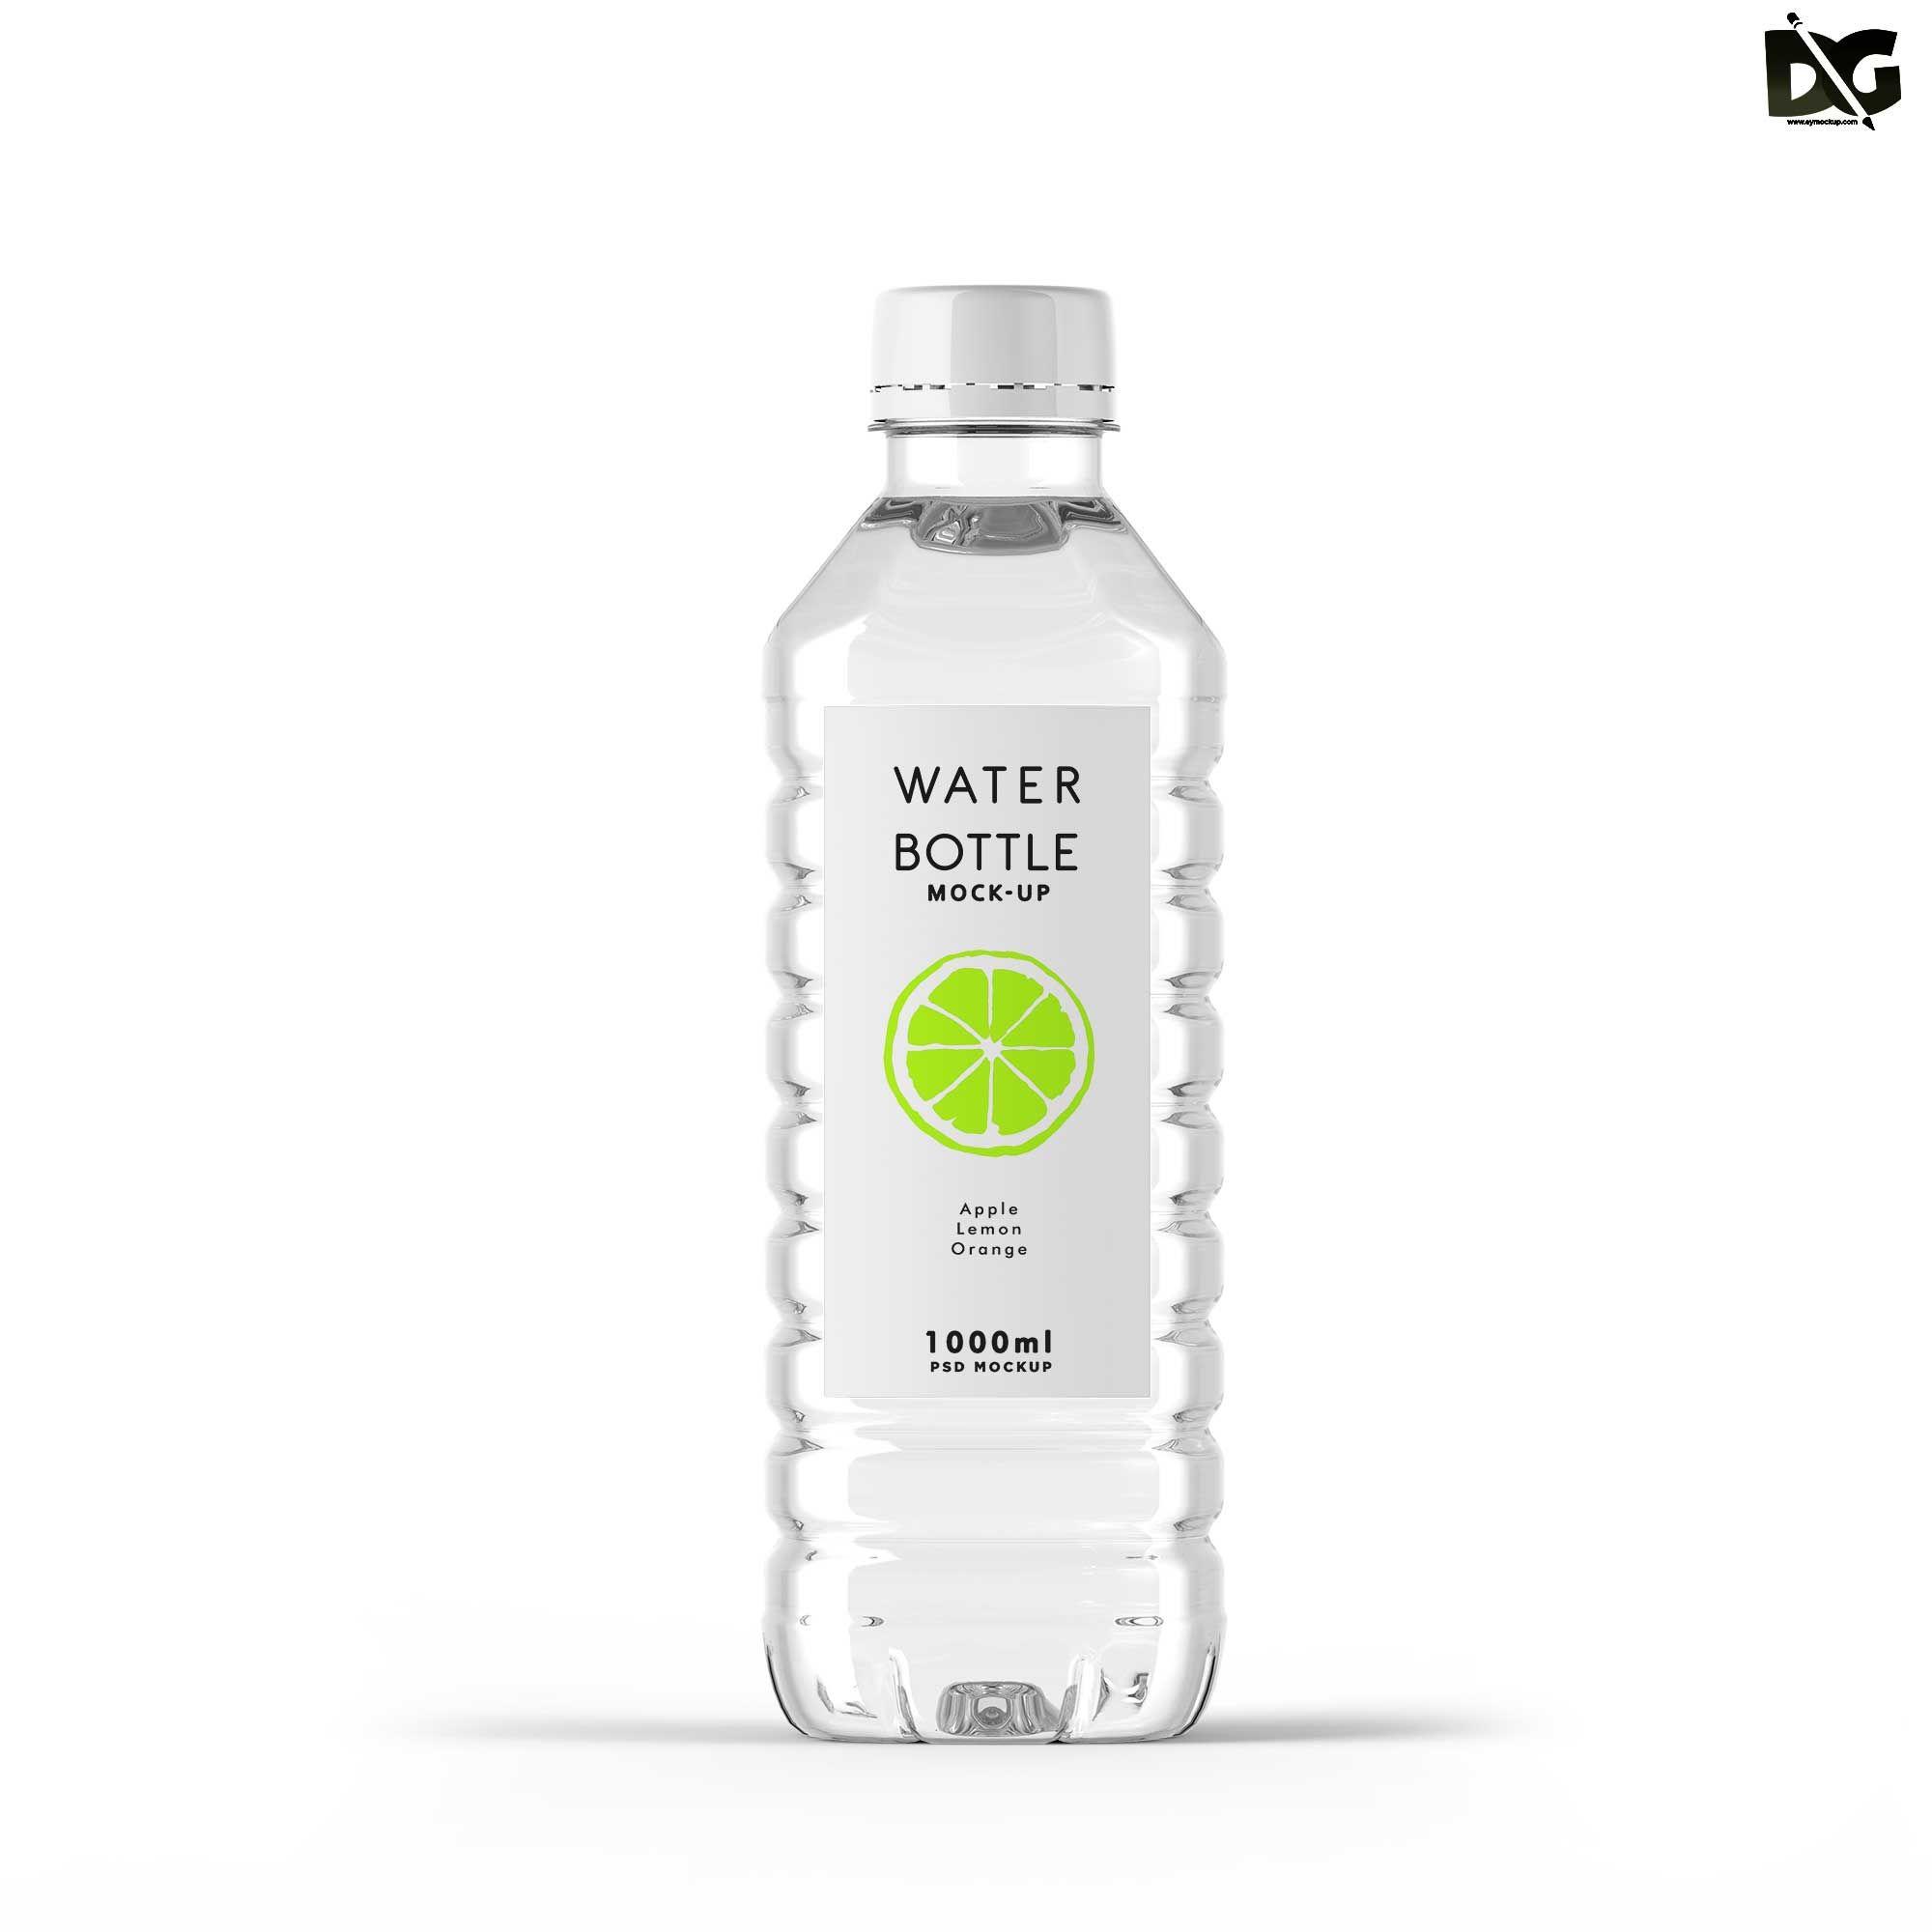 Free Download Water Bottle Plastic Psd Mockup Free Freedownload Freemockups Mockup Psd Psdfree Psd Water Bottle Label Design Water Bottle Design Bottle